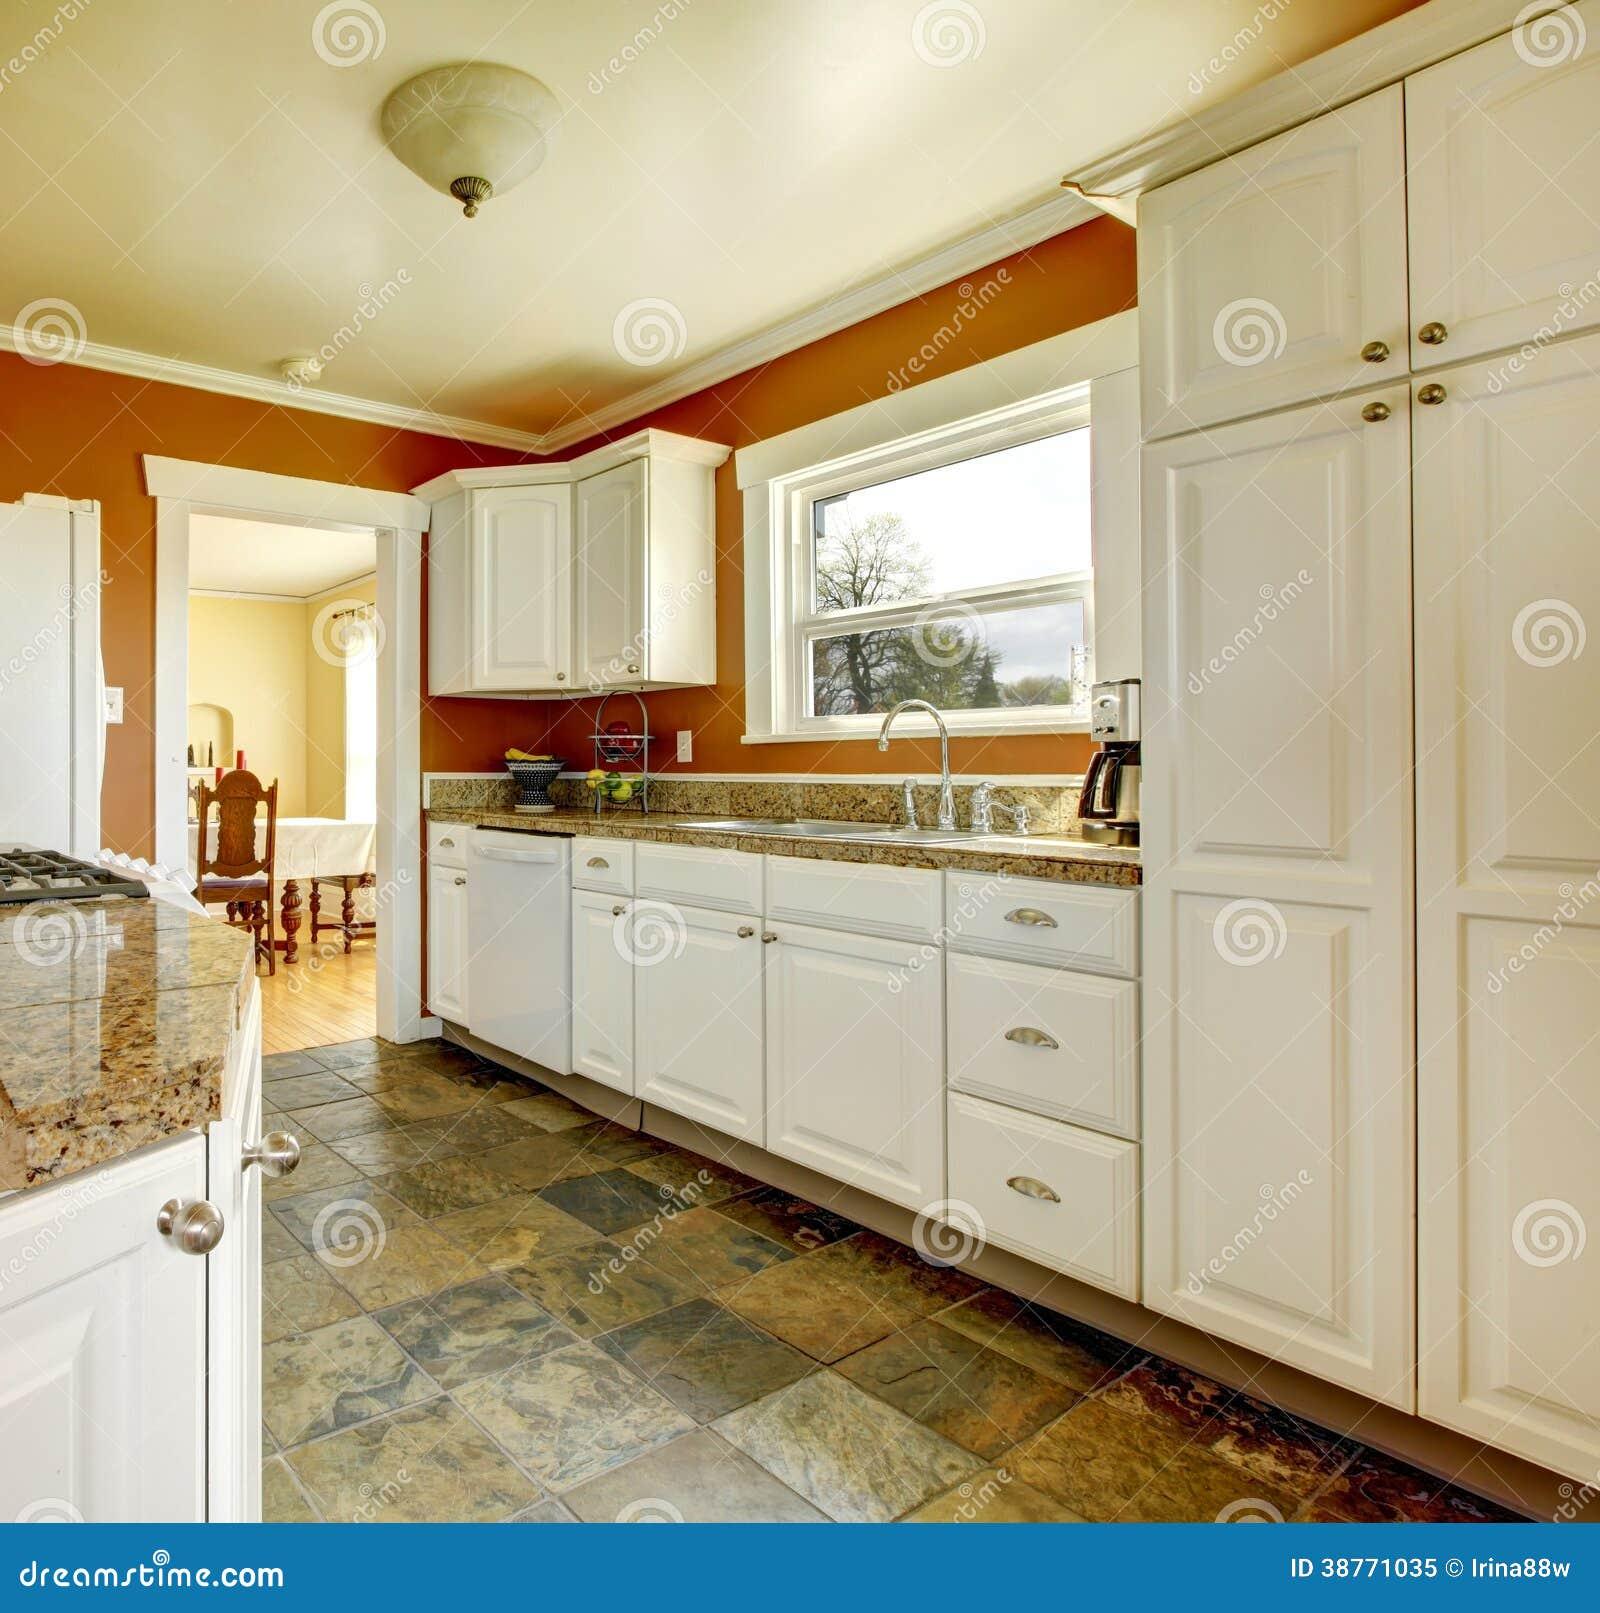 Foto de Stock Royalty Free: Sala alaranjada da cozinha com armários  #783E0F 1300 1327